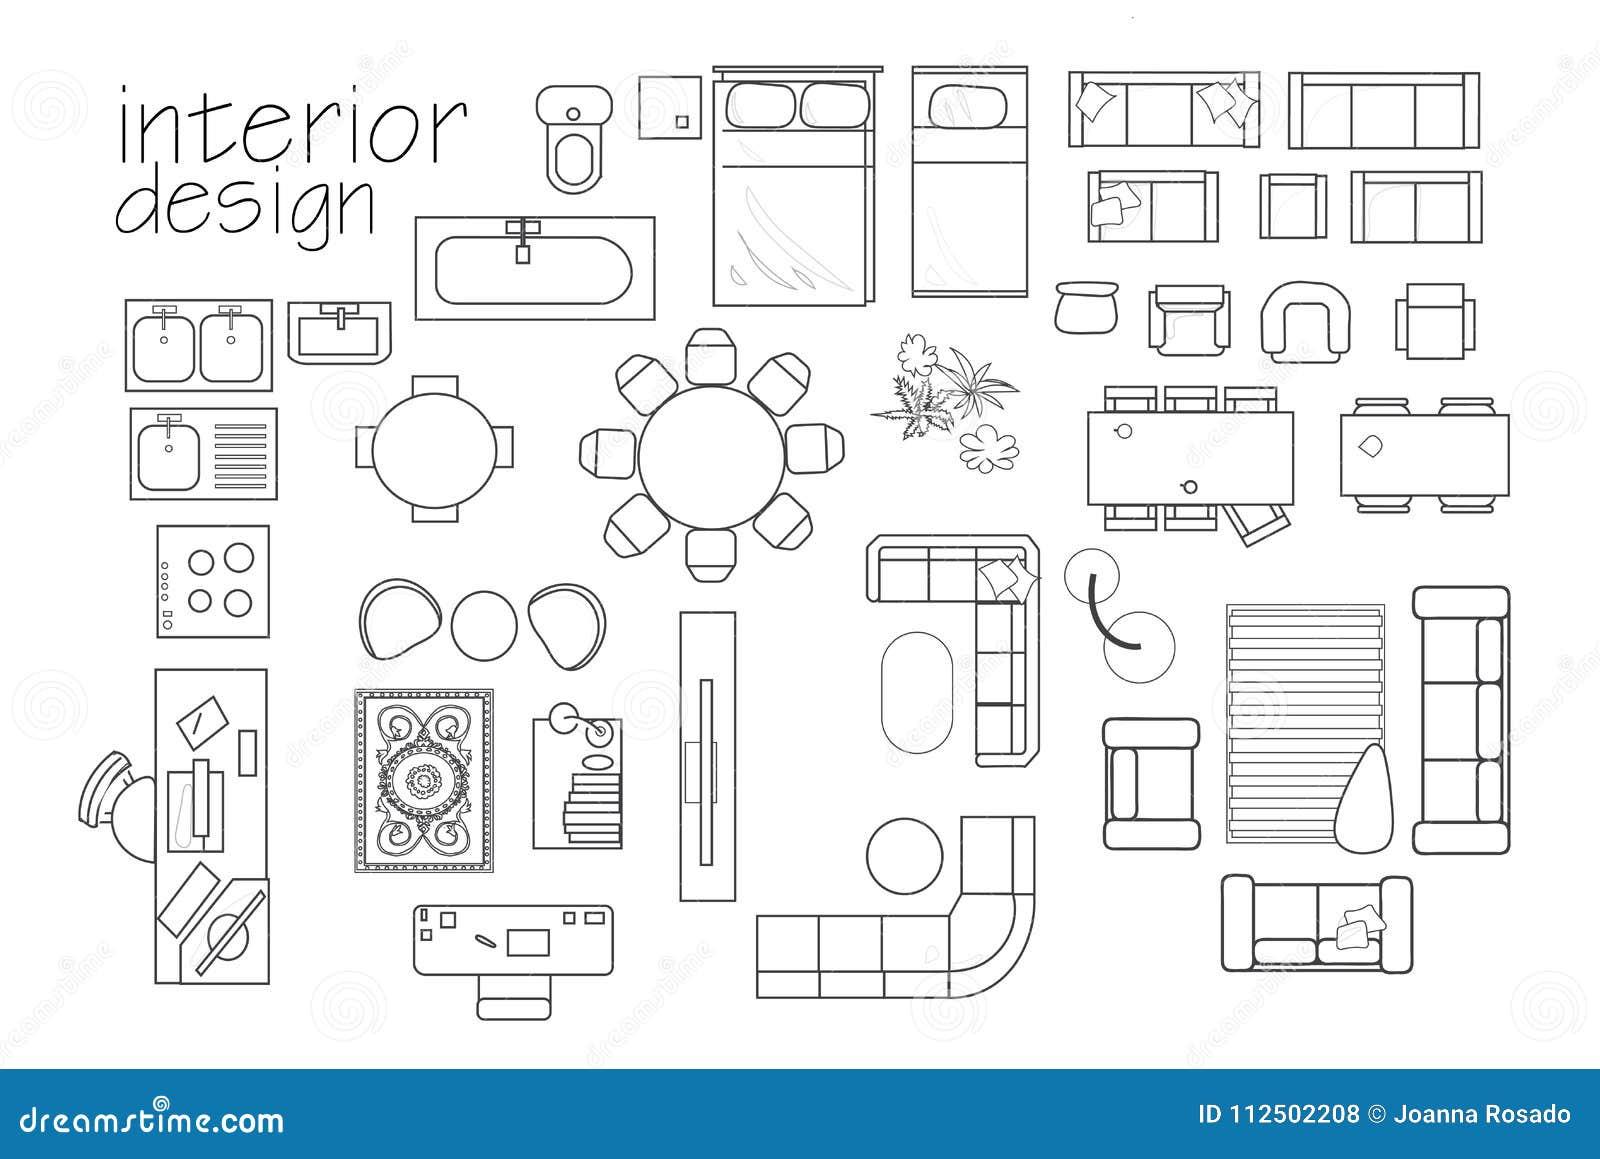 Simboli Della Pianta Di Interior Design Del Mobilia Di